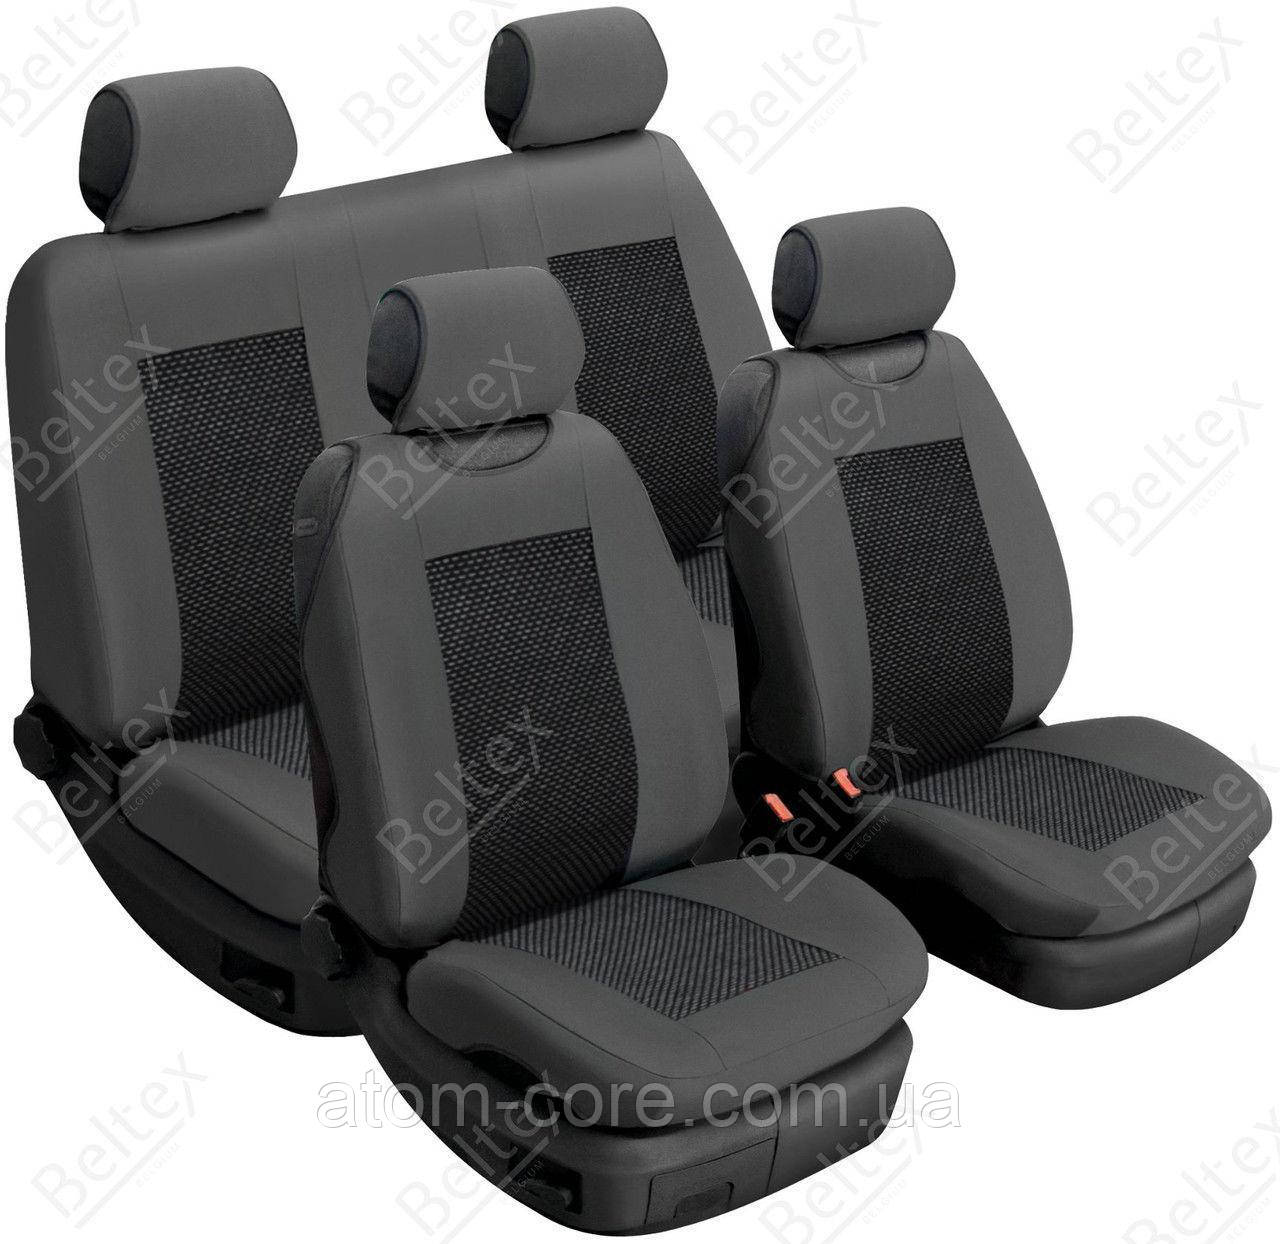 Майки/чехлы на сиденья ВАЗ 2112 (VAZ 2112)